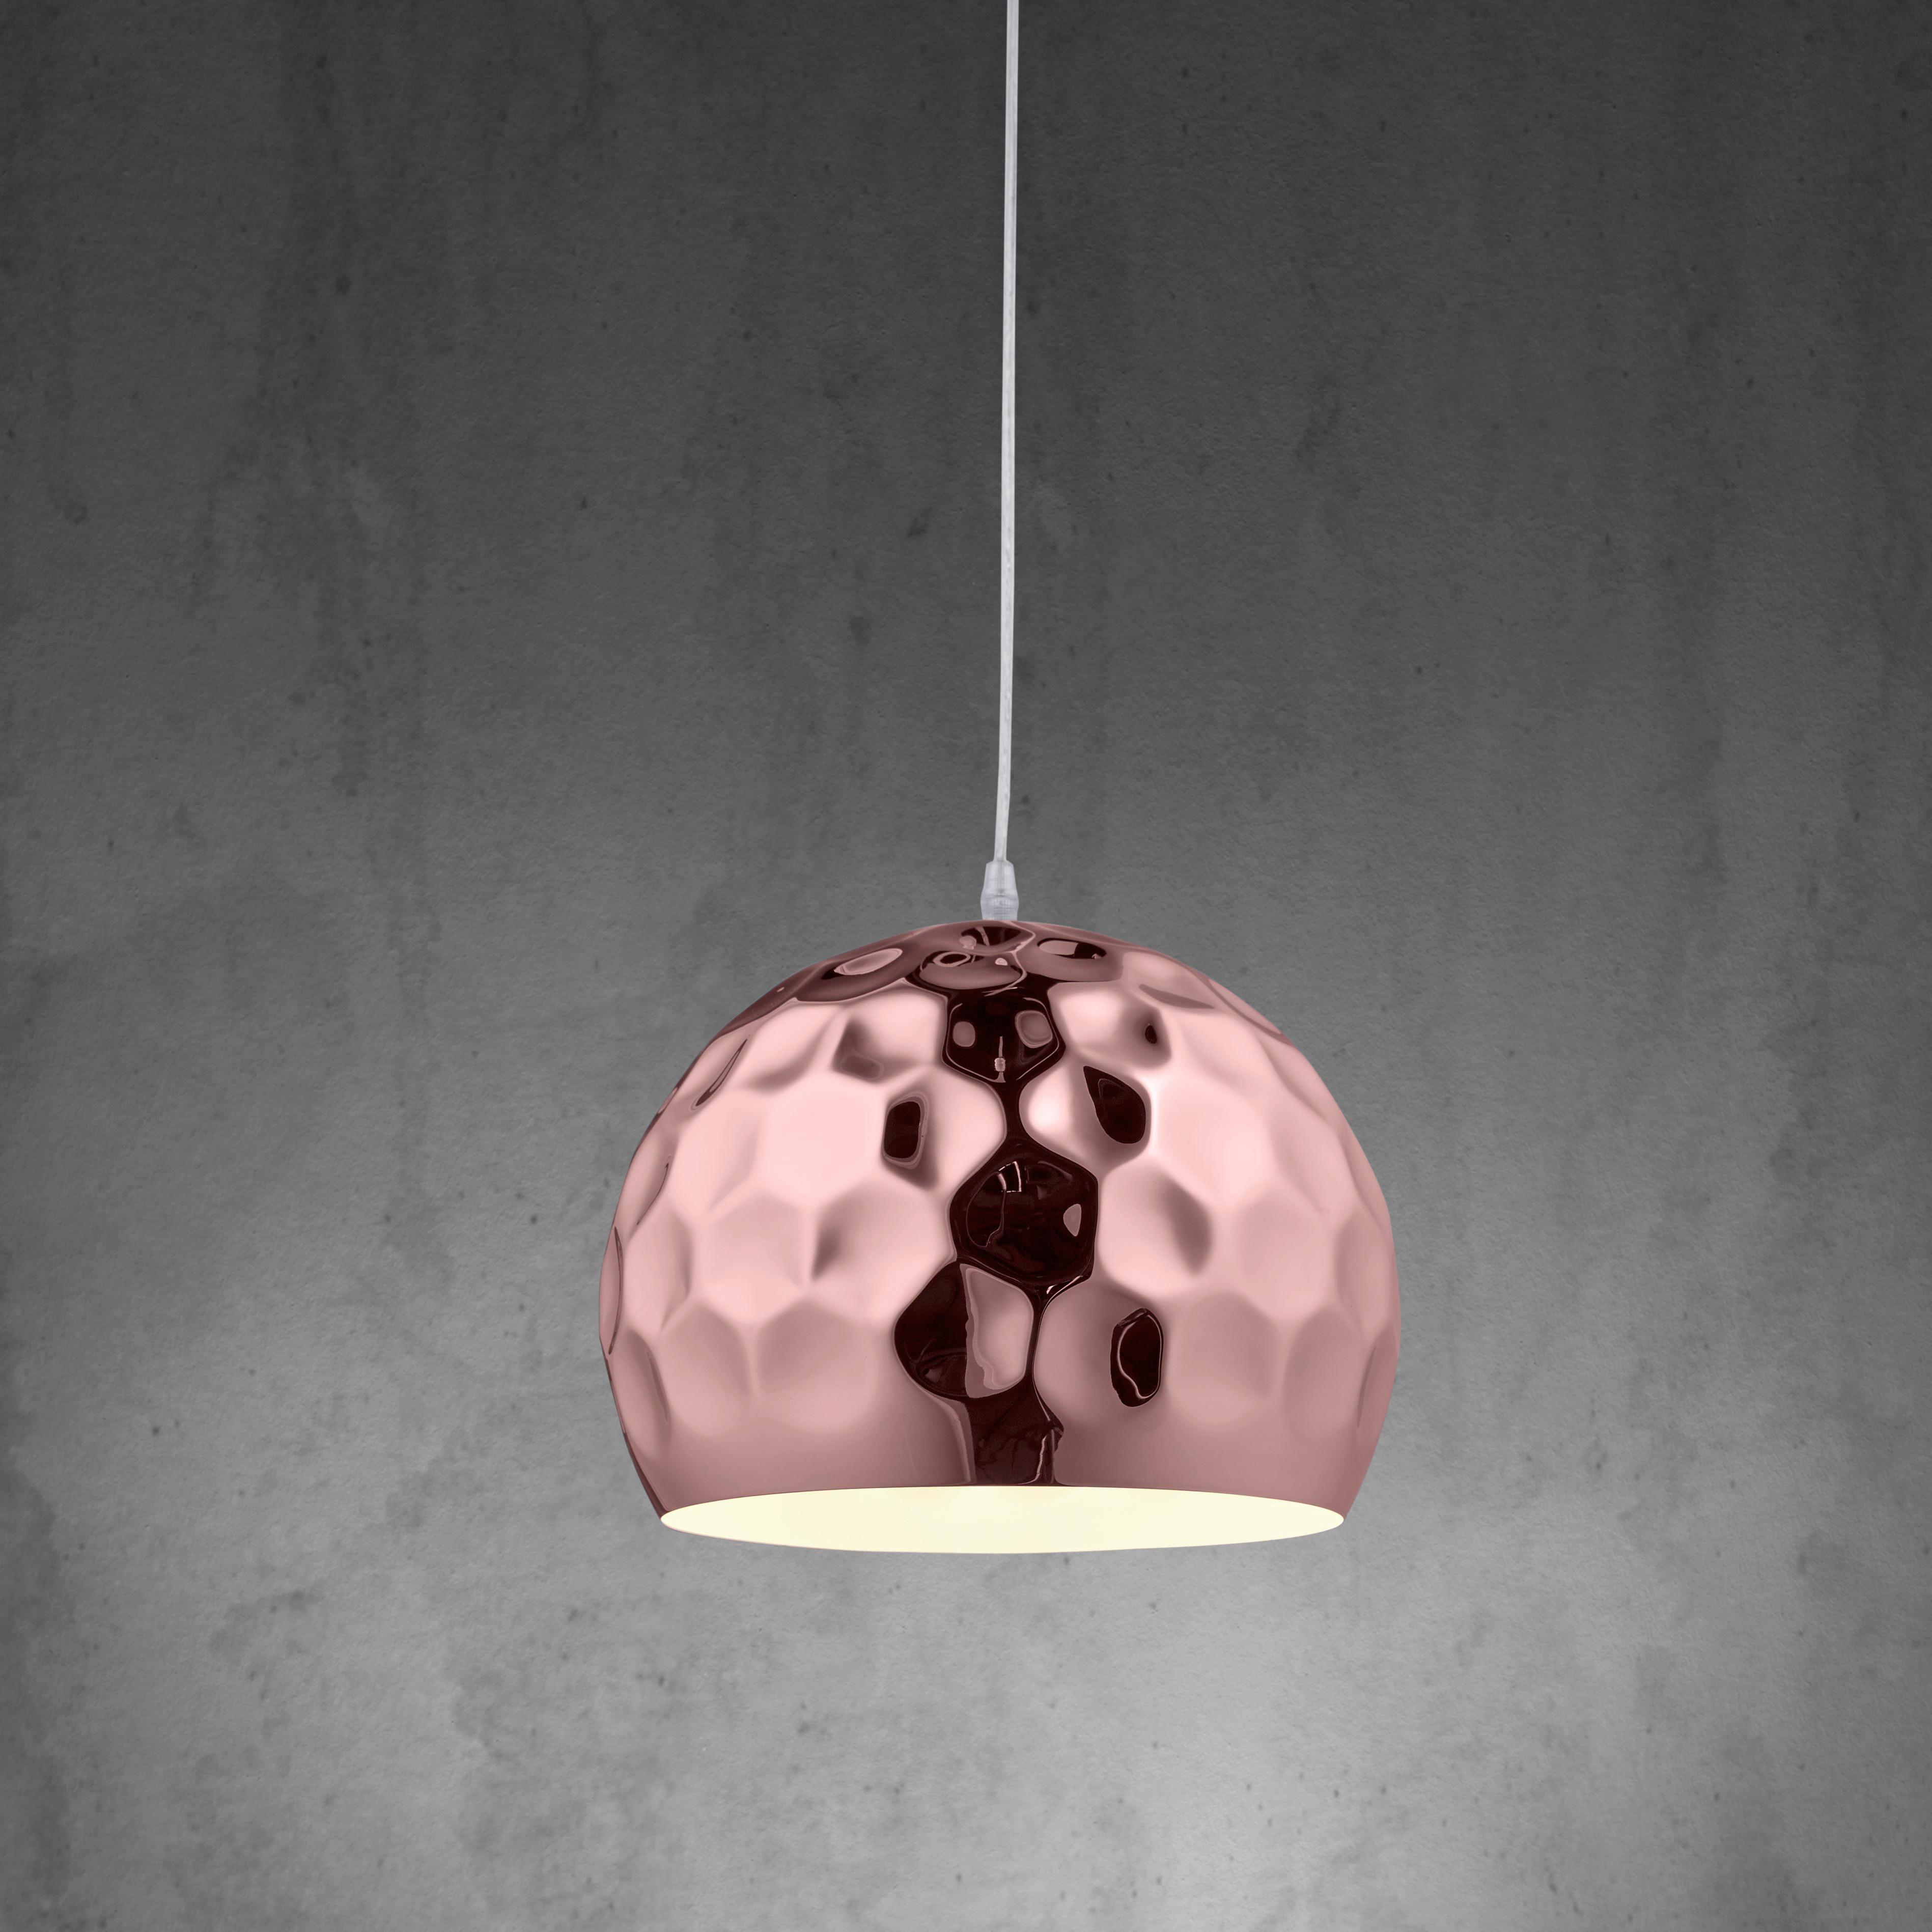 Hängeleuchte Tiago - Kupferfarben, MODERN, Metall (30/120cm) - MÖMAX modern living